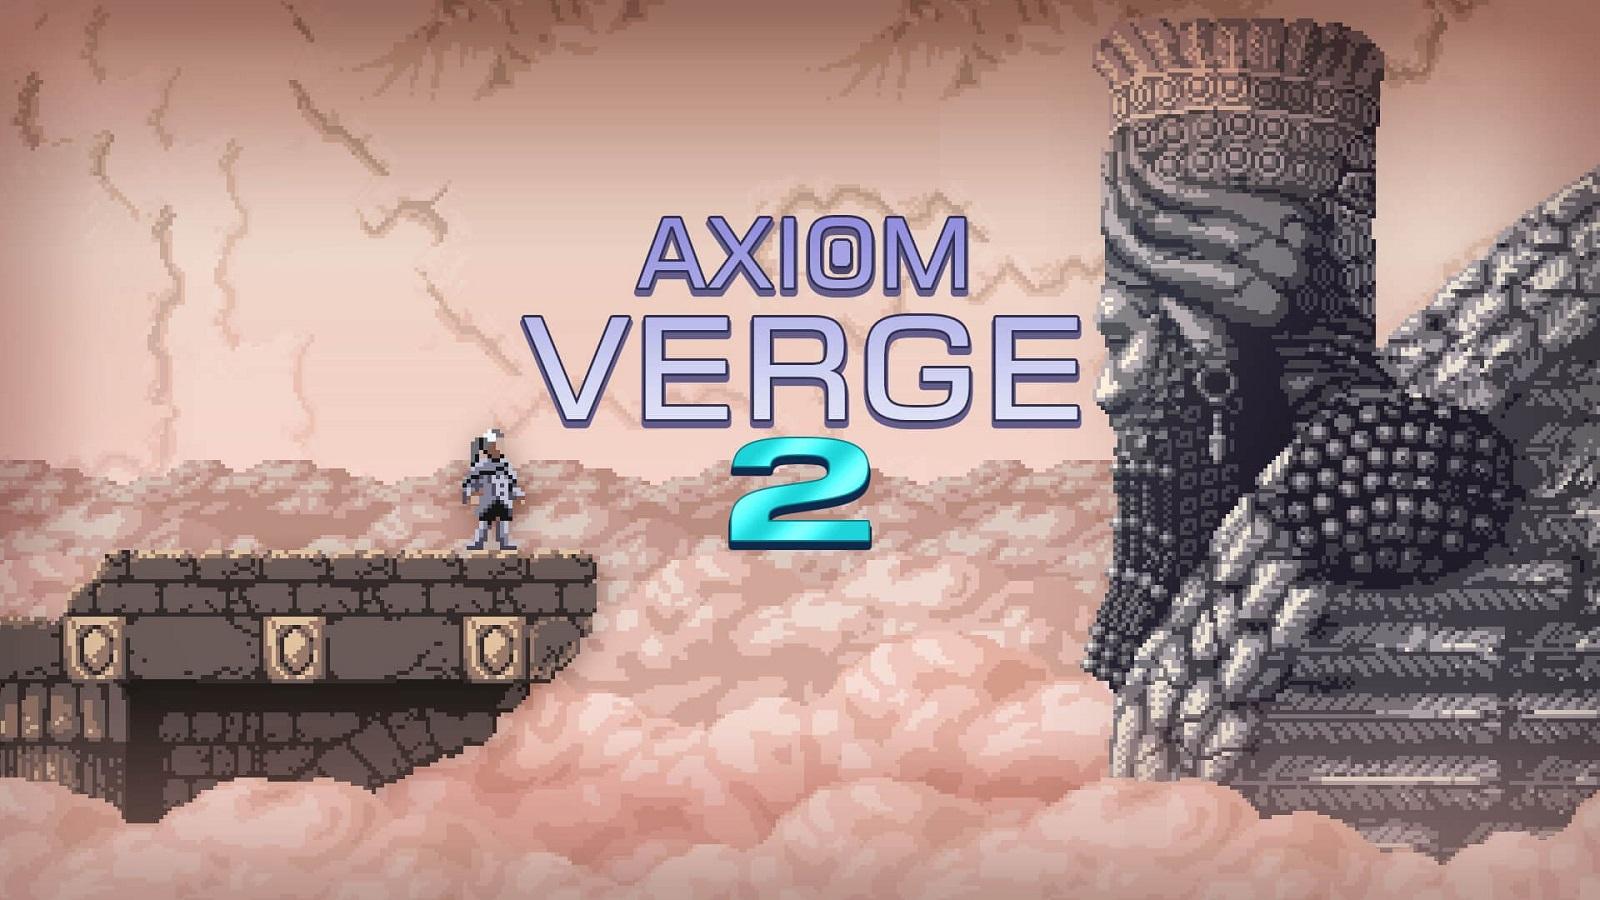 ПК-версия метроидвании Axiom Verge 2 оказалась временным эксклюзивом Epic Games Store